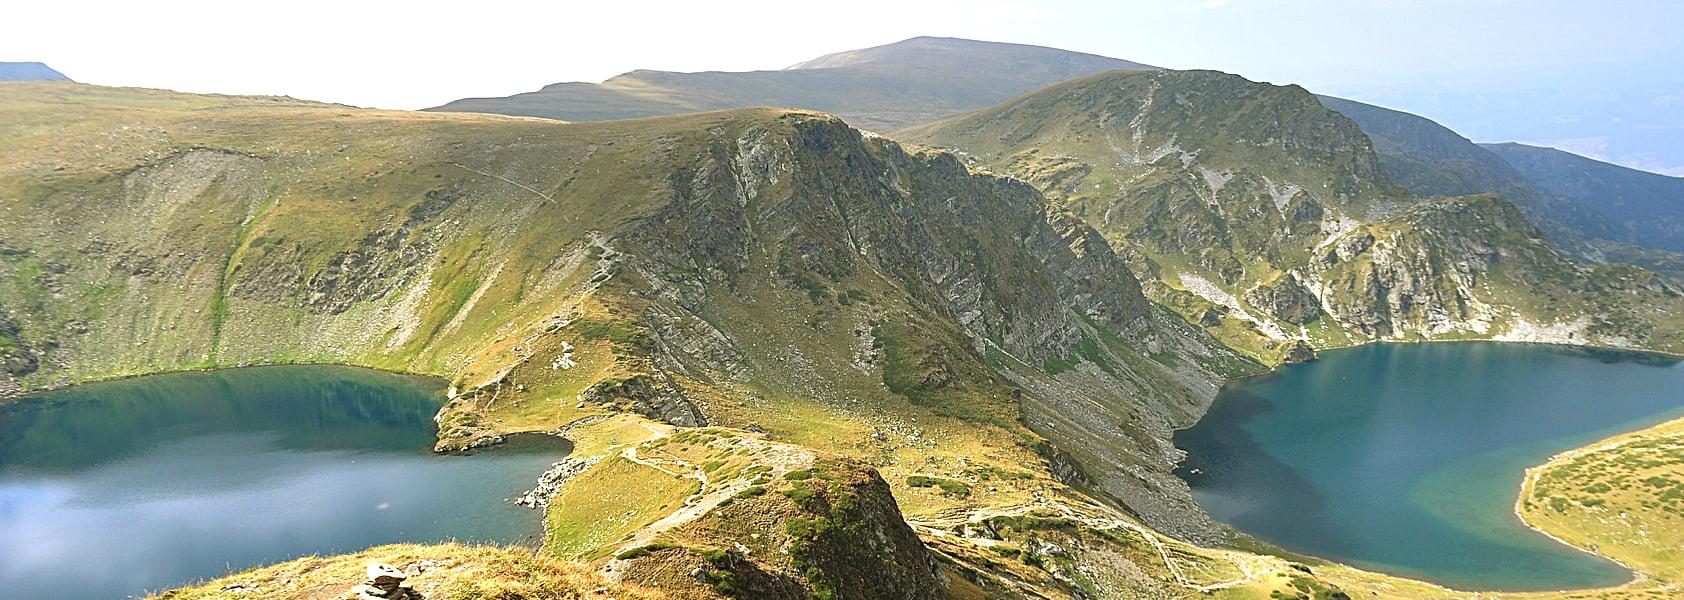 Bulgarije | Wandelen in het Rhodopigebergte – 8 dgn